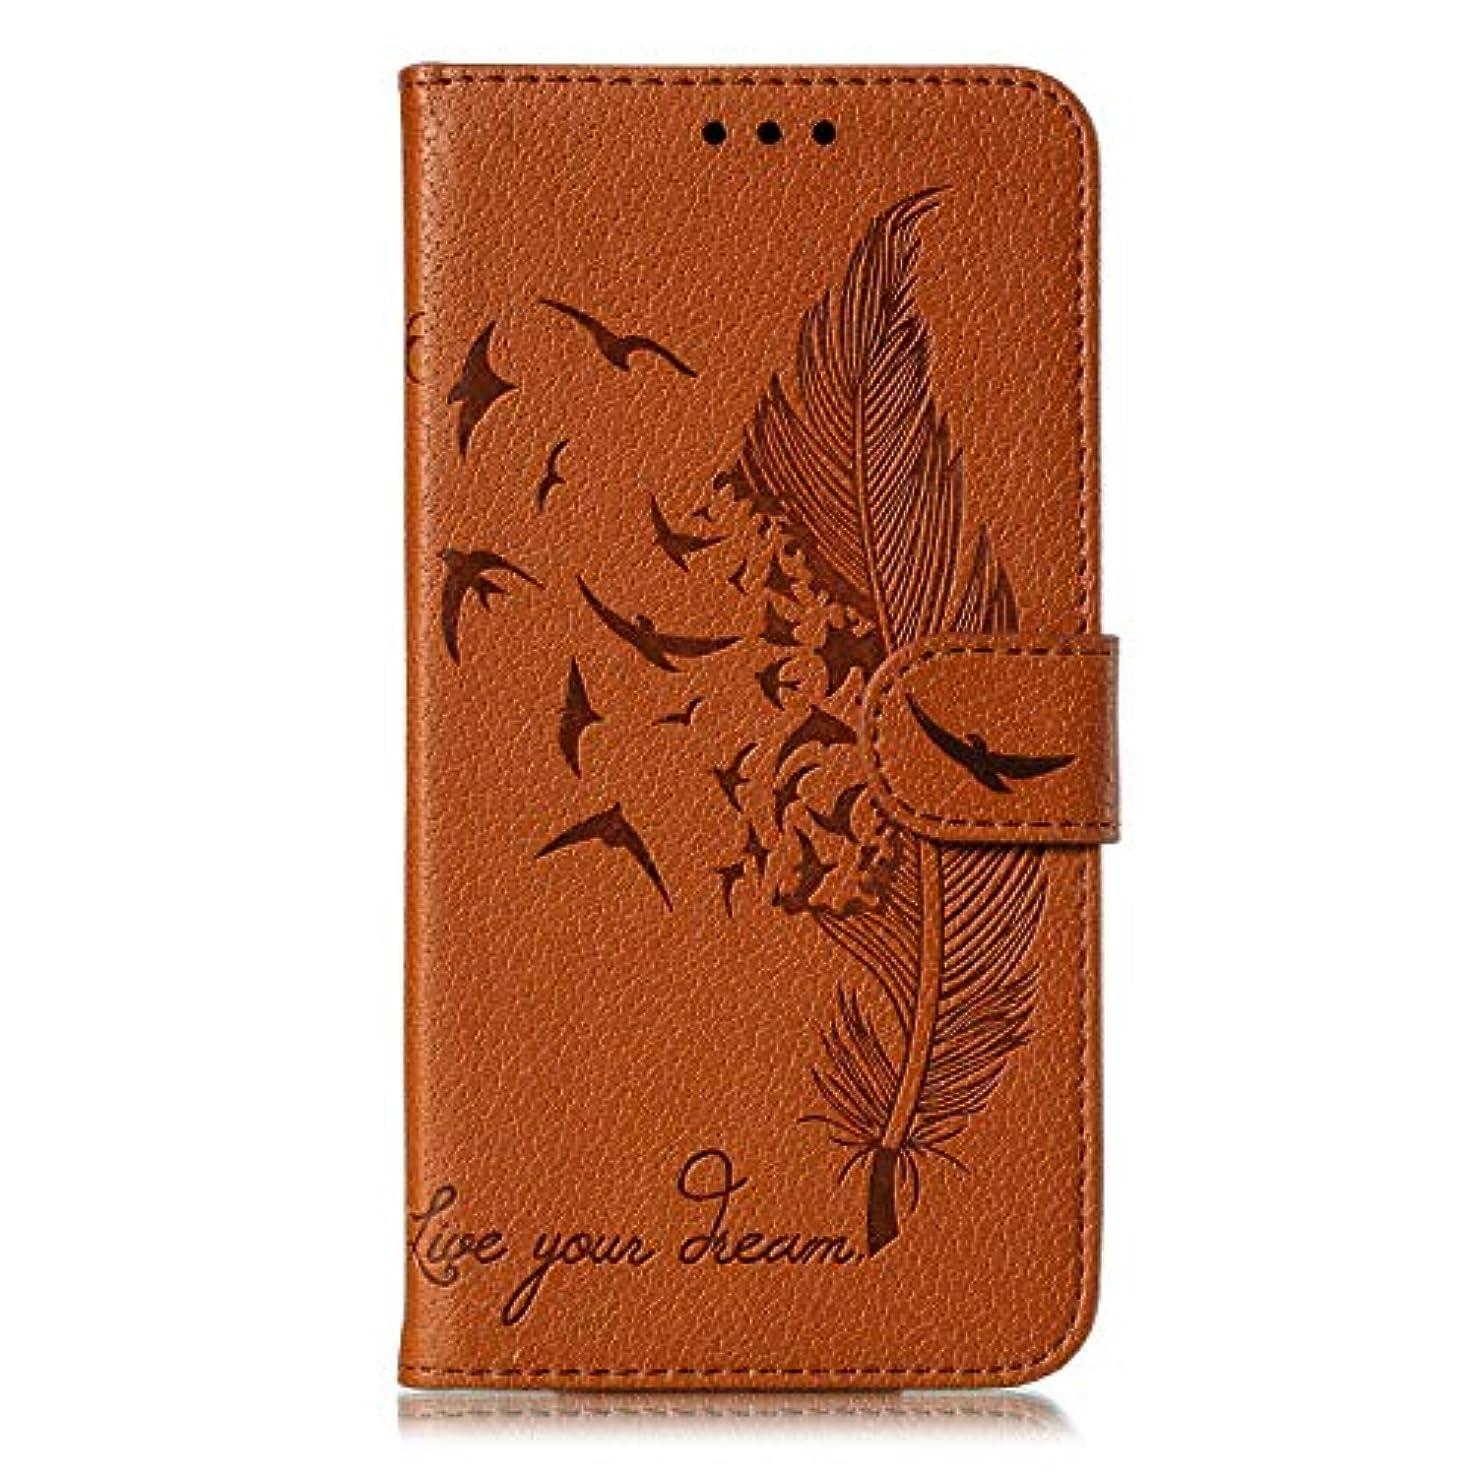 行列ひばり中央Xiaomi MI 9 ケース, OMATENTI PUレザー手帳型 ケース, 薄型 財布押し花 フェザー柄 スマホケース, マグネット開閉式 スタンド機能 カード収納 付き人気 新品, 褐色